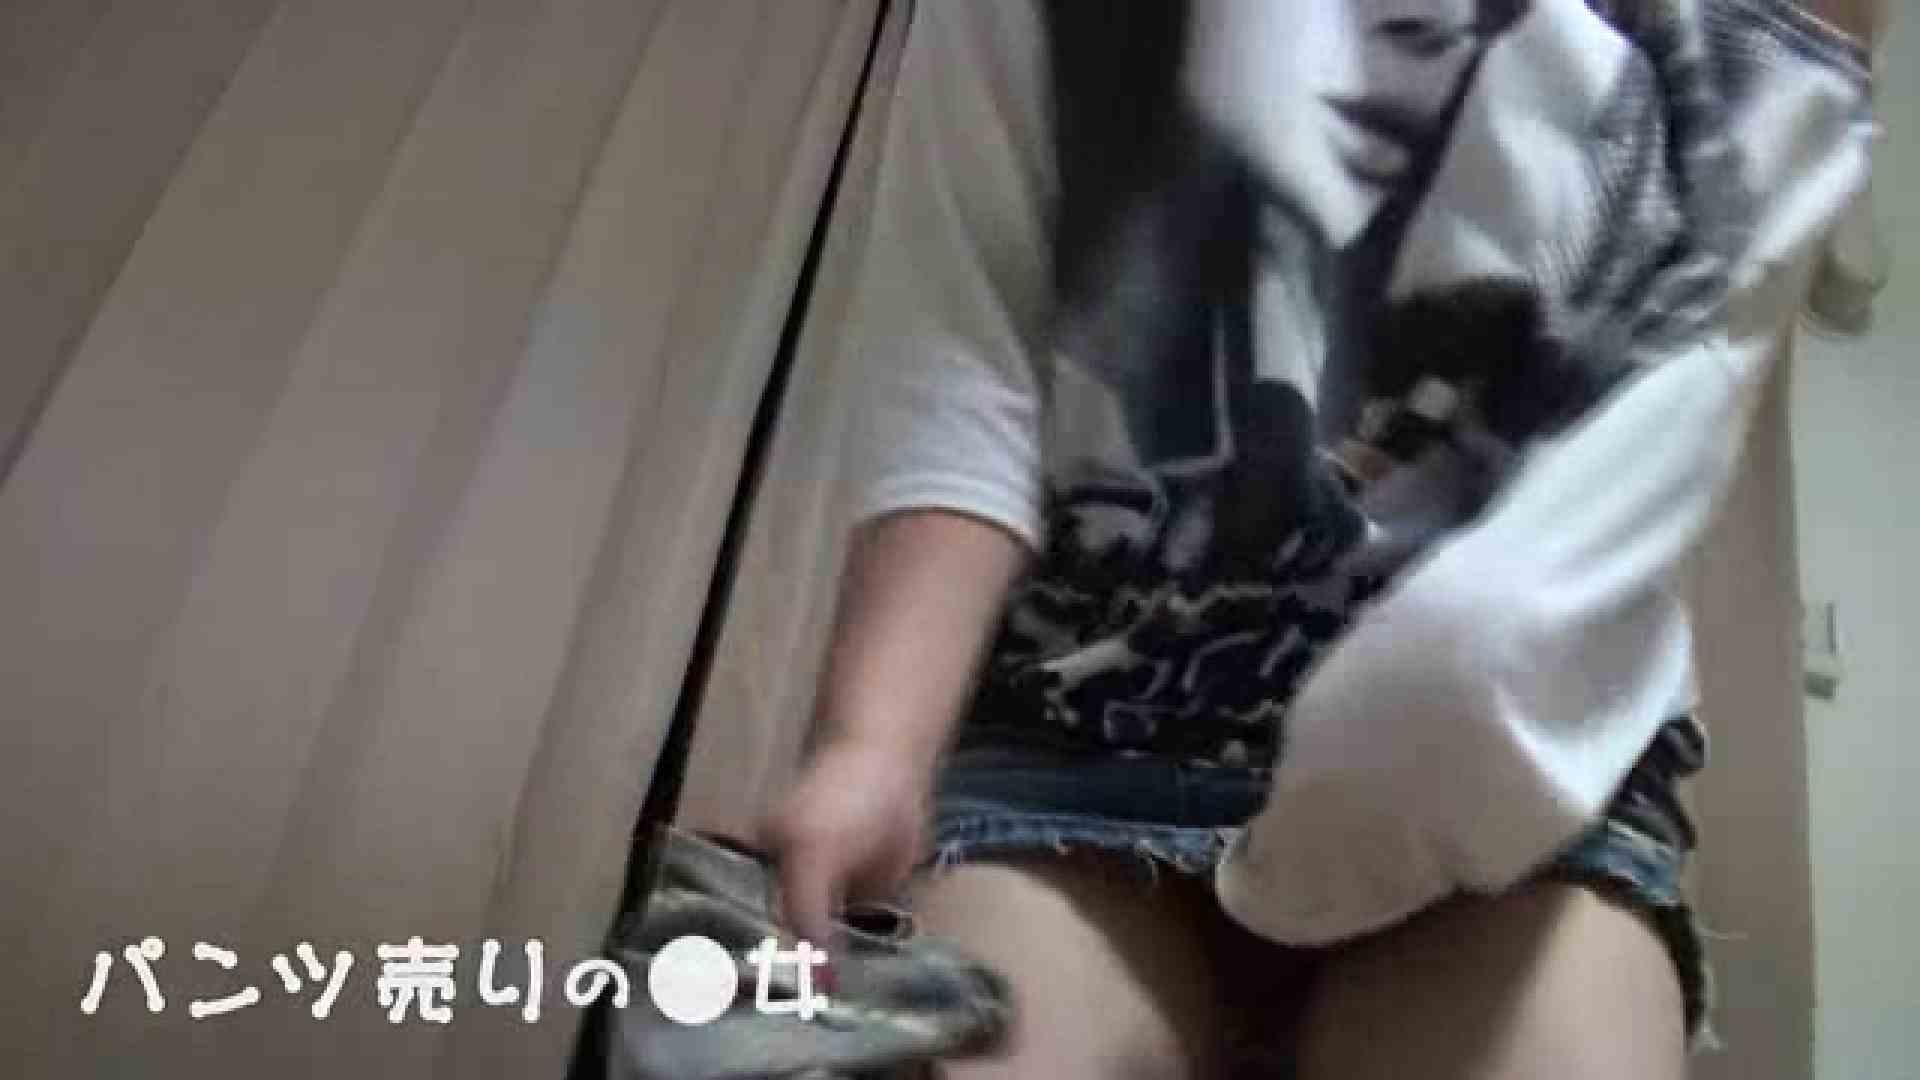 無修正エロ動画|新説 パンツ売りの女の子mizuki02|大奥